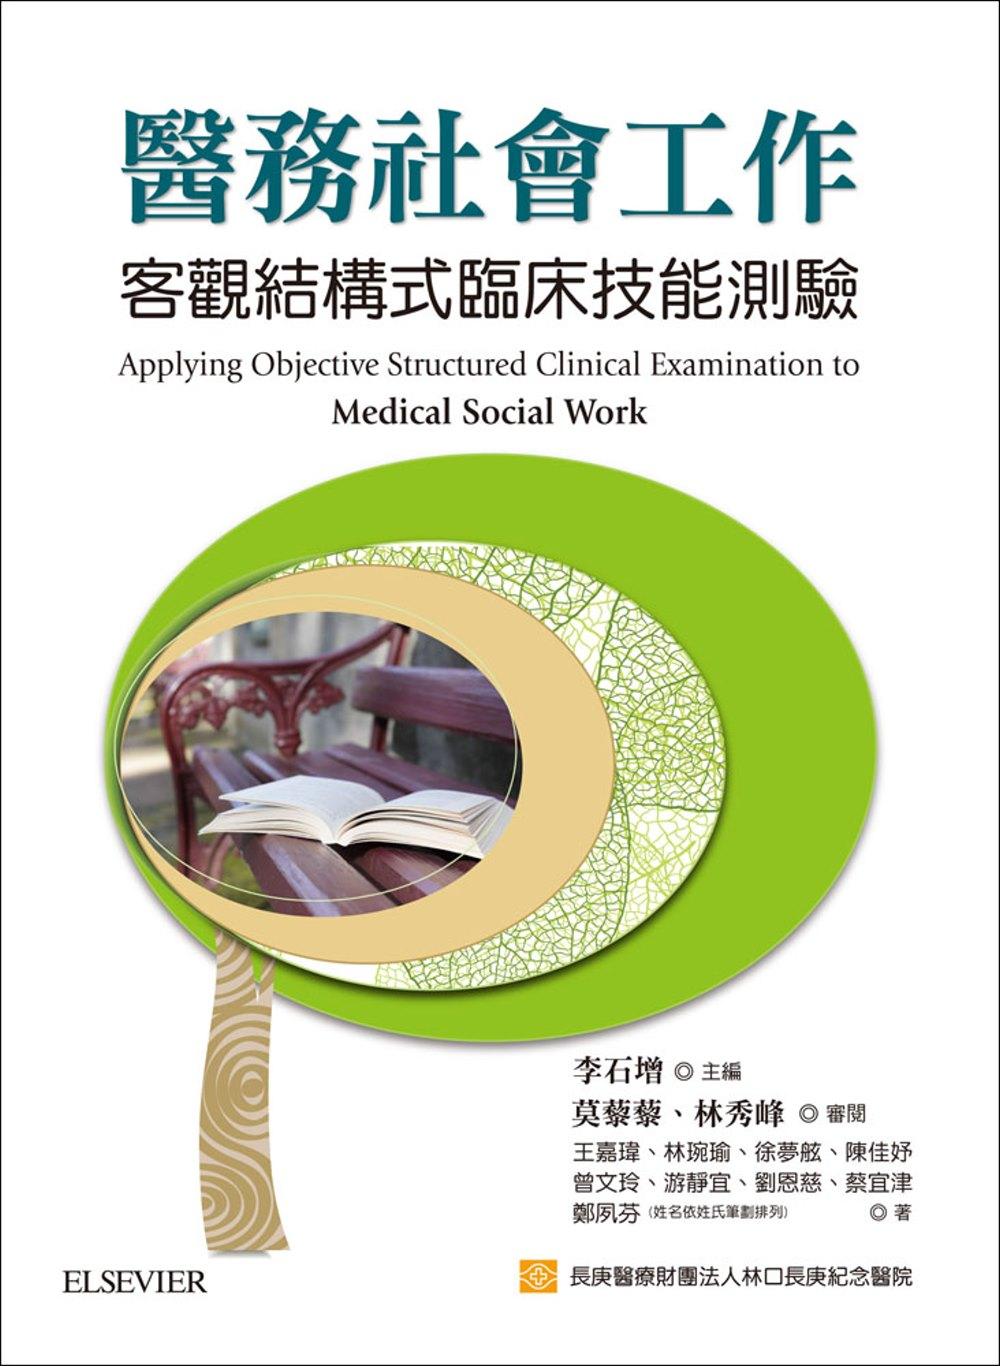 醫務社會工作:客觀結構式臨床技能測驗